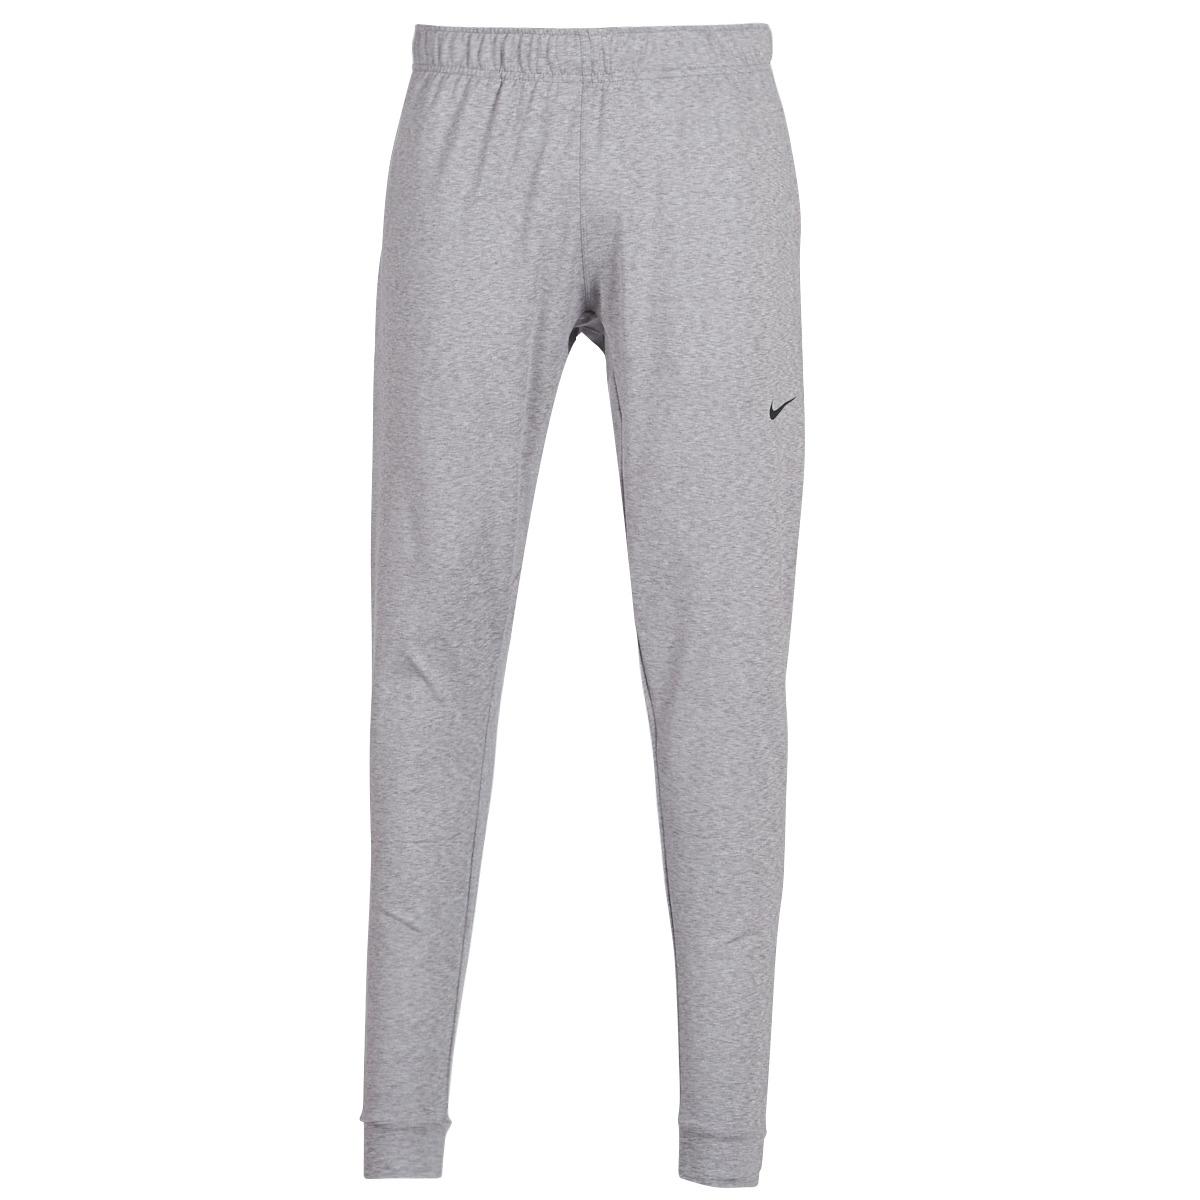 Fucina pettine Compagno  mereu popular diverse stiluri cea mai bună vânzare pantaloni sport nike -  carpathian-endemics.ro